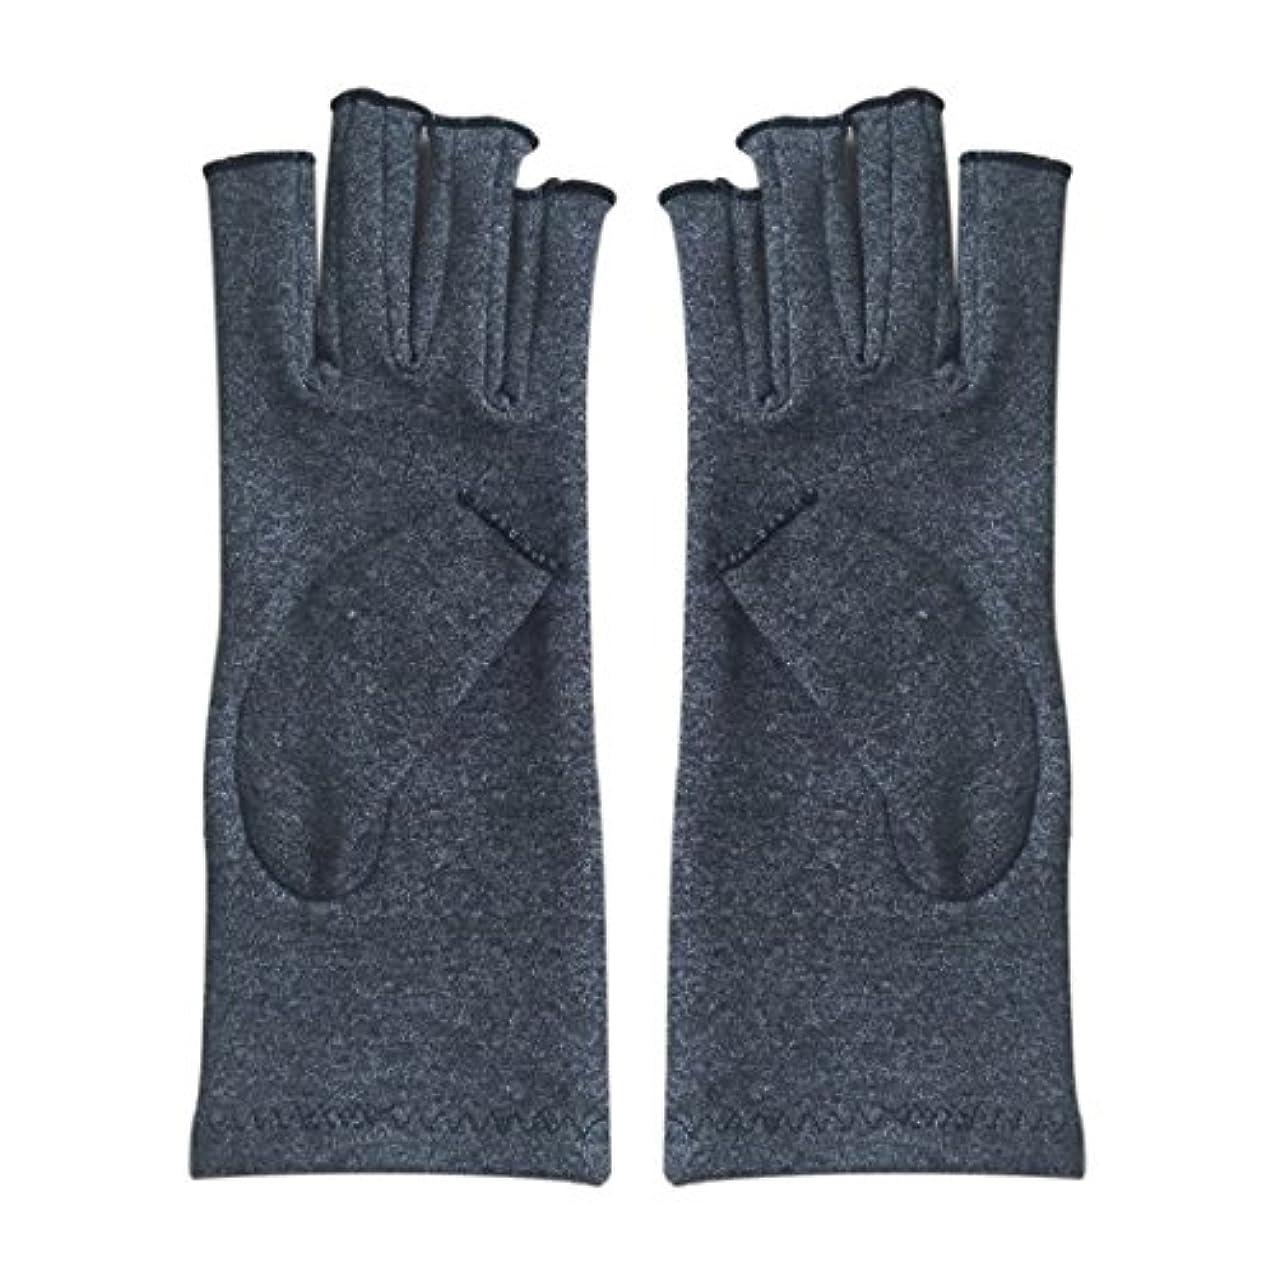 引き金ベリー舗装するCUHAWUDBA 1ペア成人男性女性用弾性コットンコンプレッション手袋手関節炎関節痛鎮痛軽減S -灰色、S